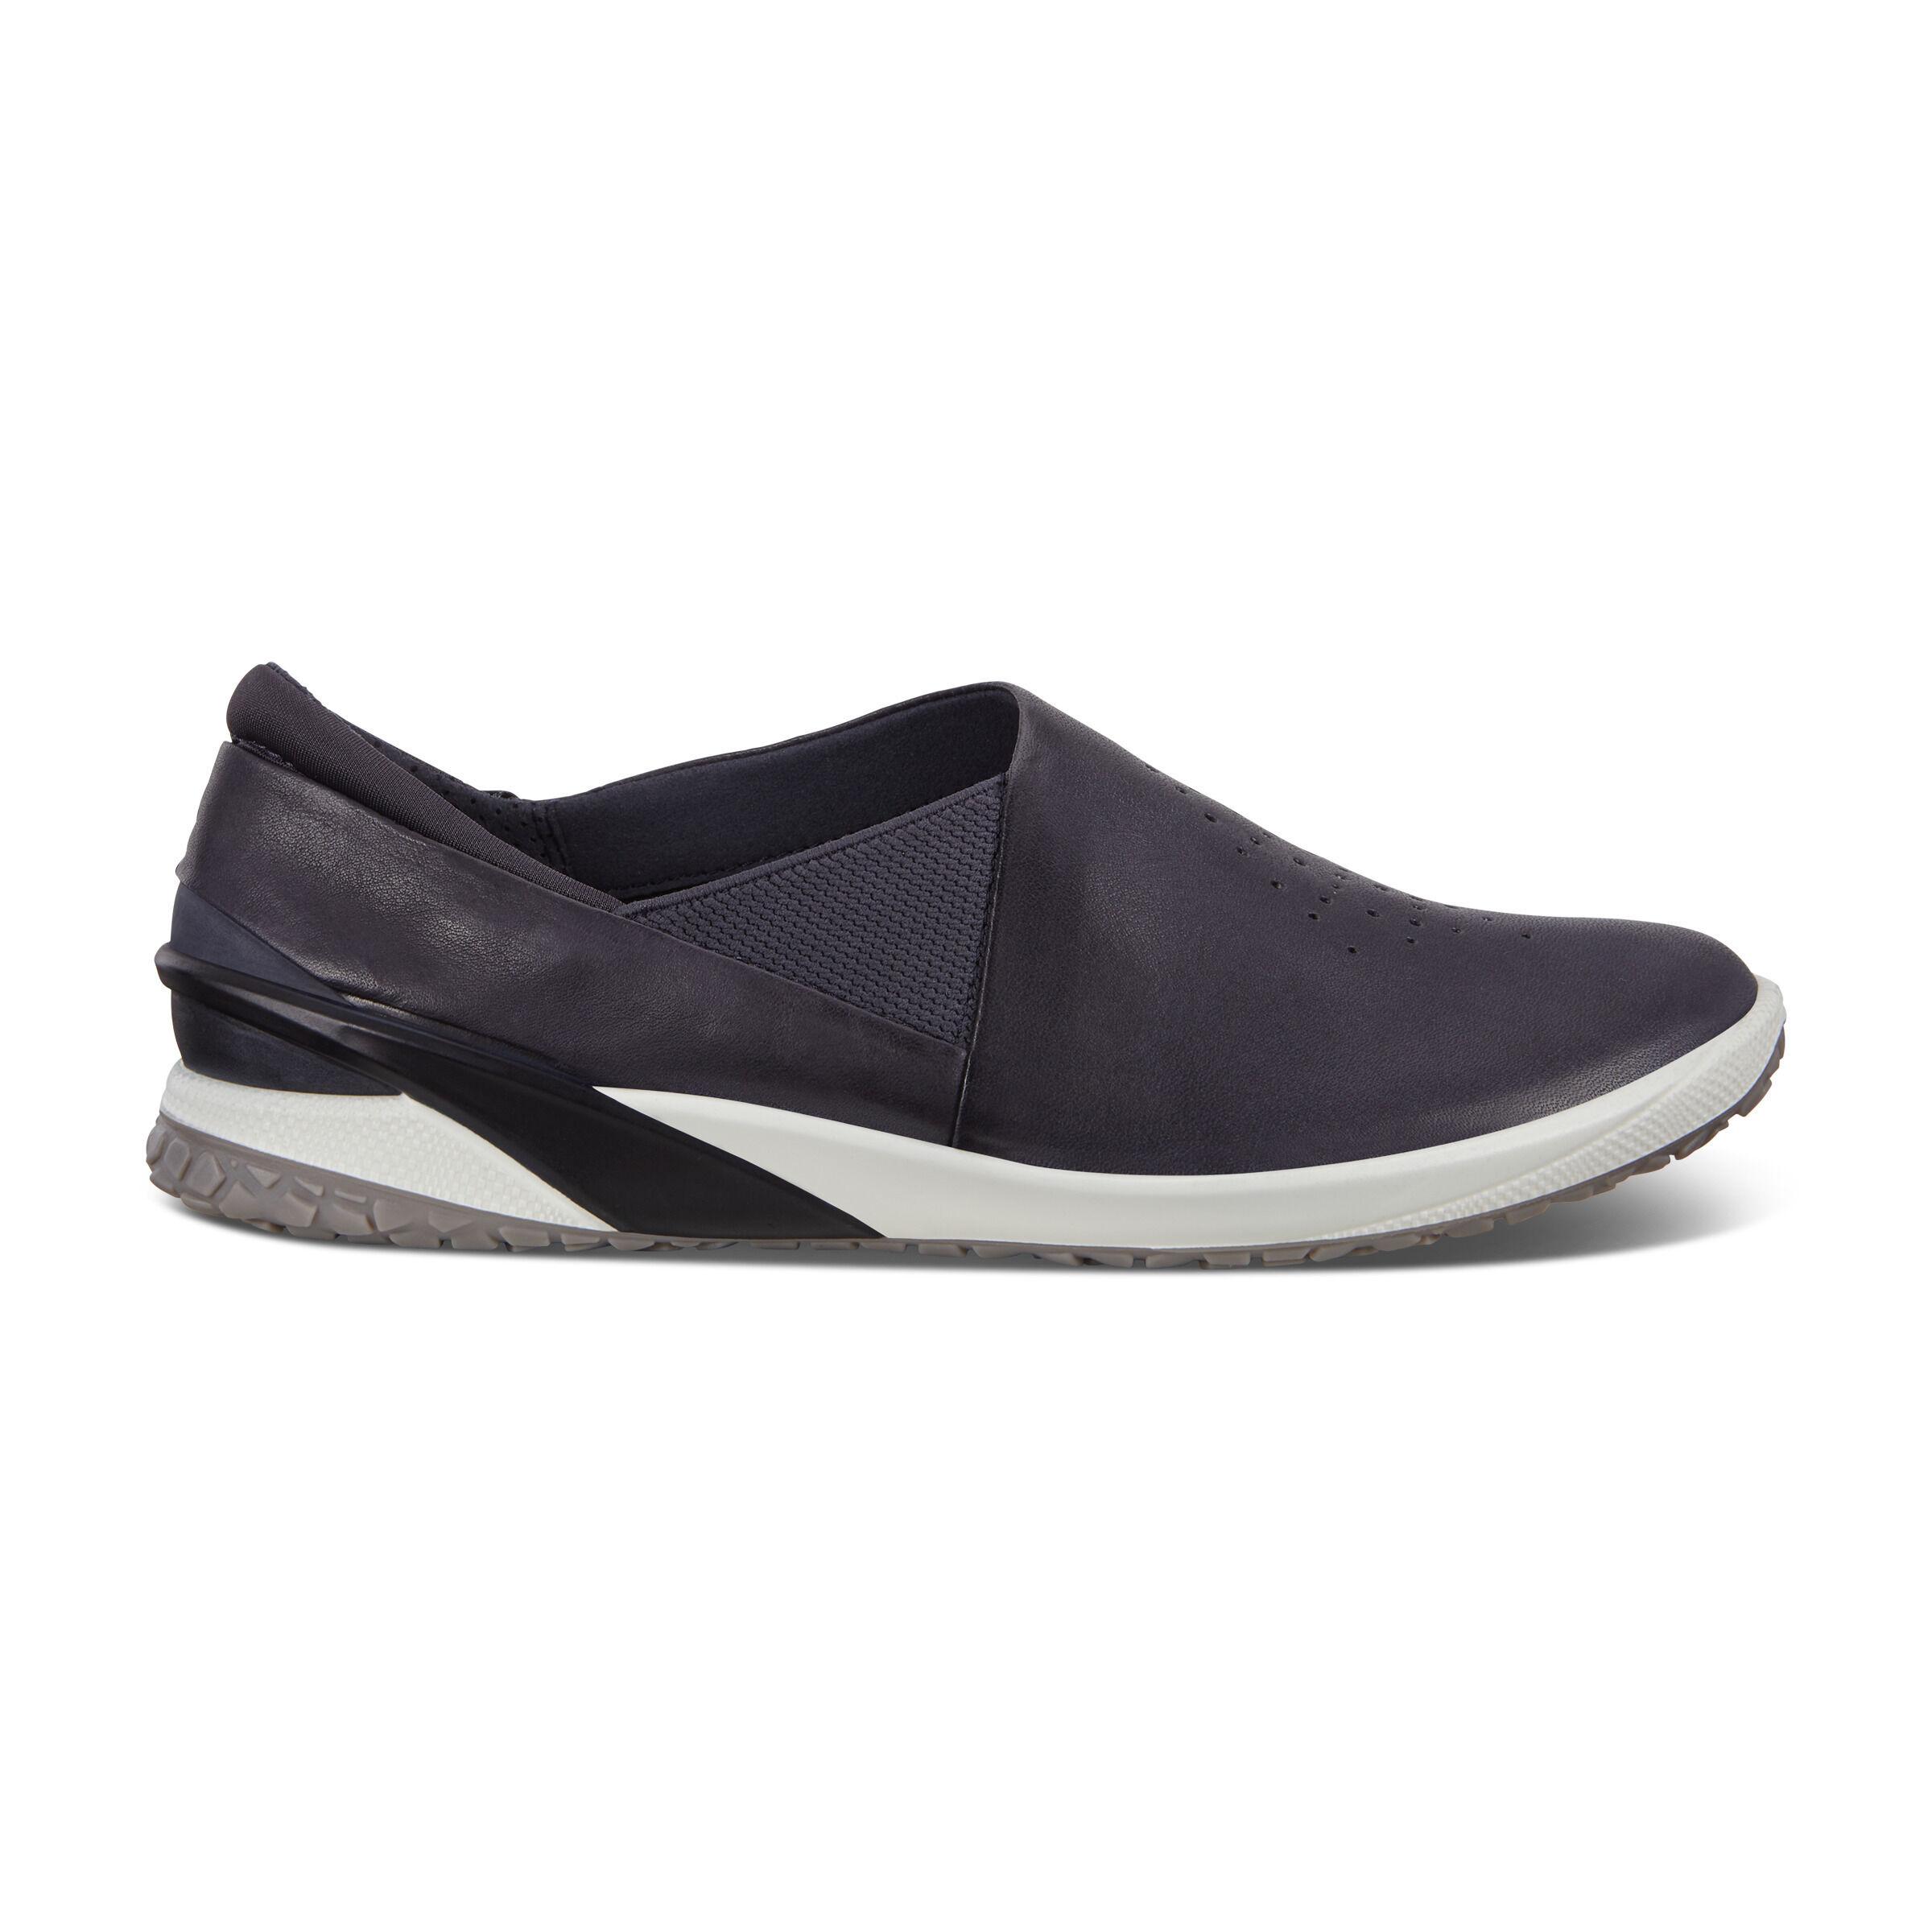 ECCO BIOM Life Womens Lea Slip-on Shoes